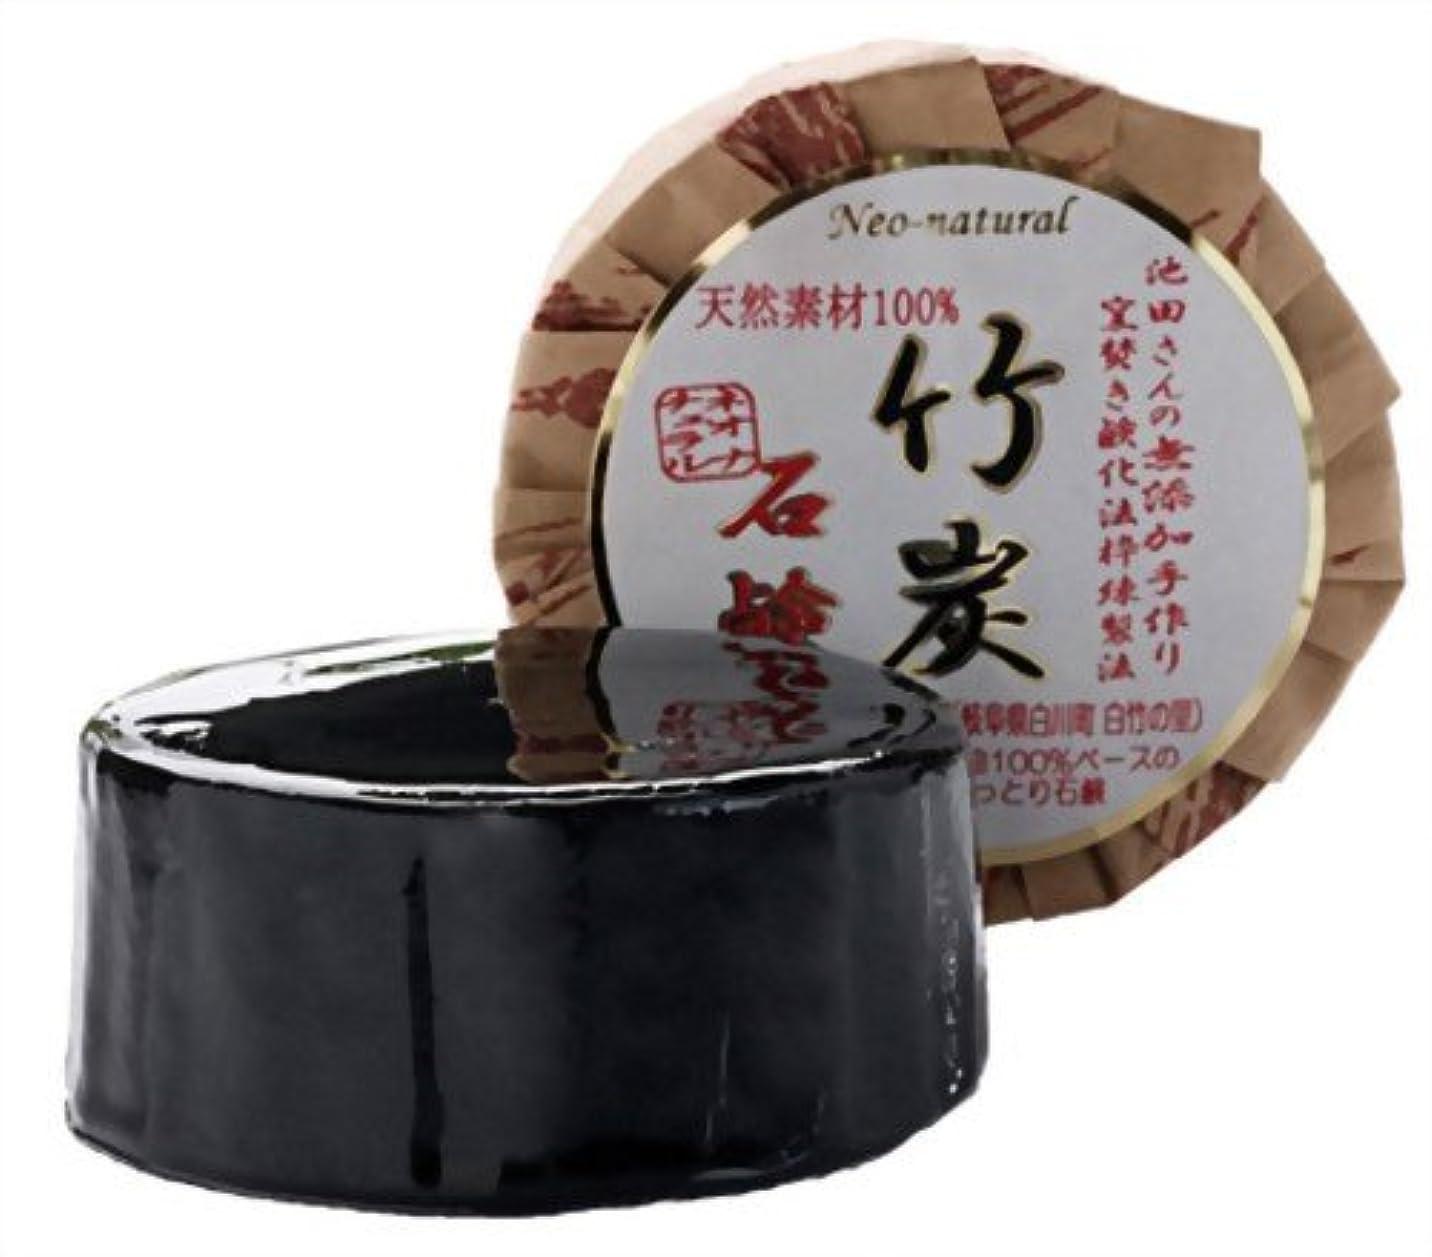 ユーモラス行商人追い払うネオナチュラル 池田さんの竹炭石鹸 105g